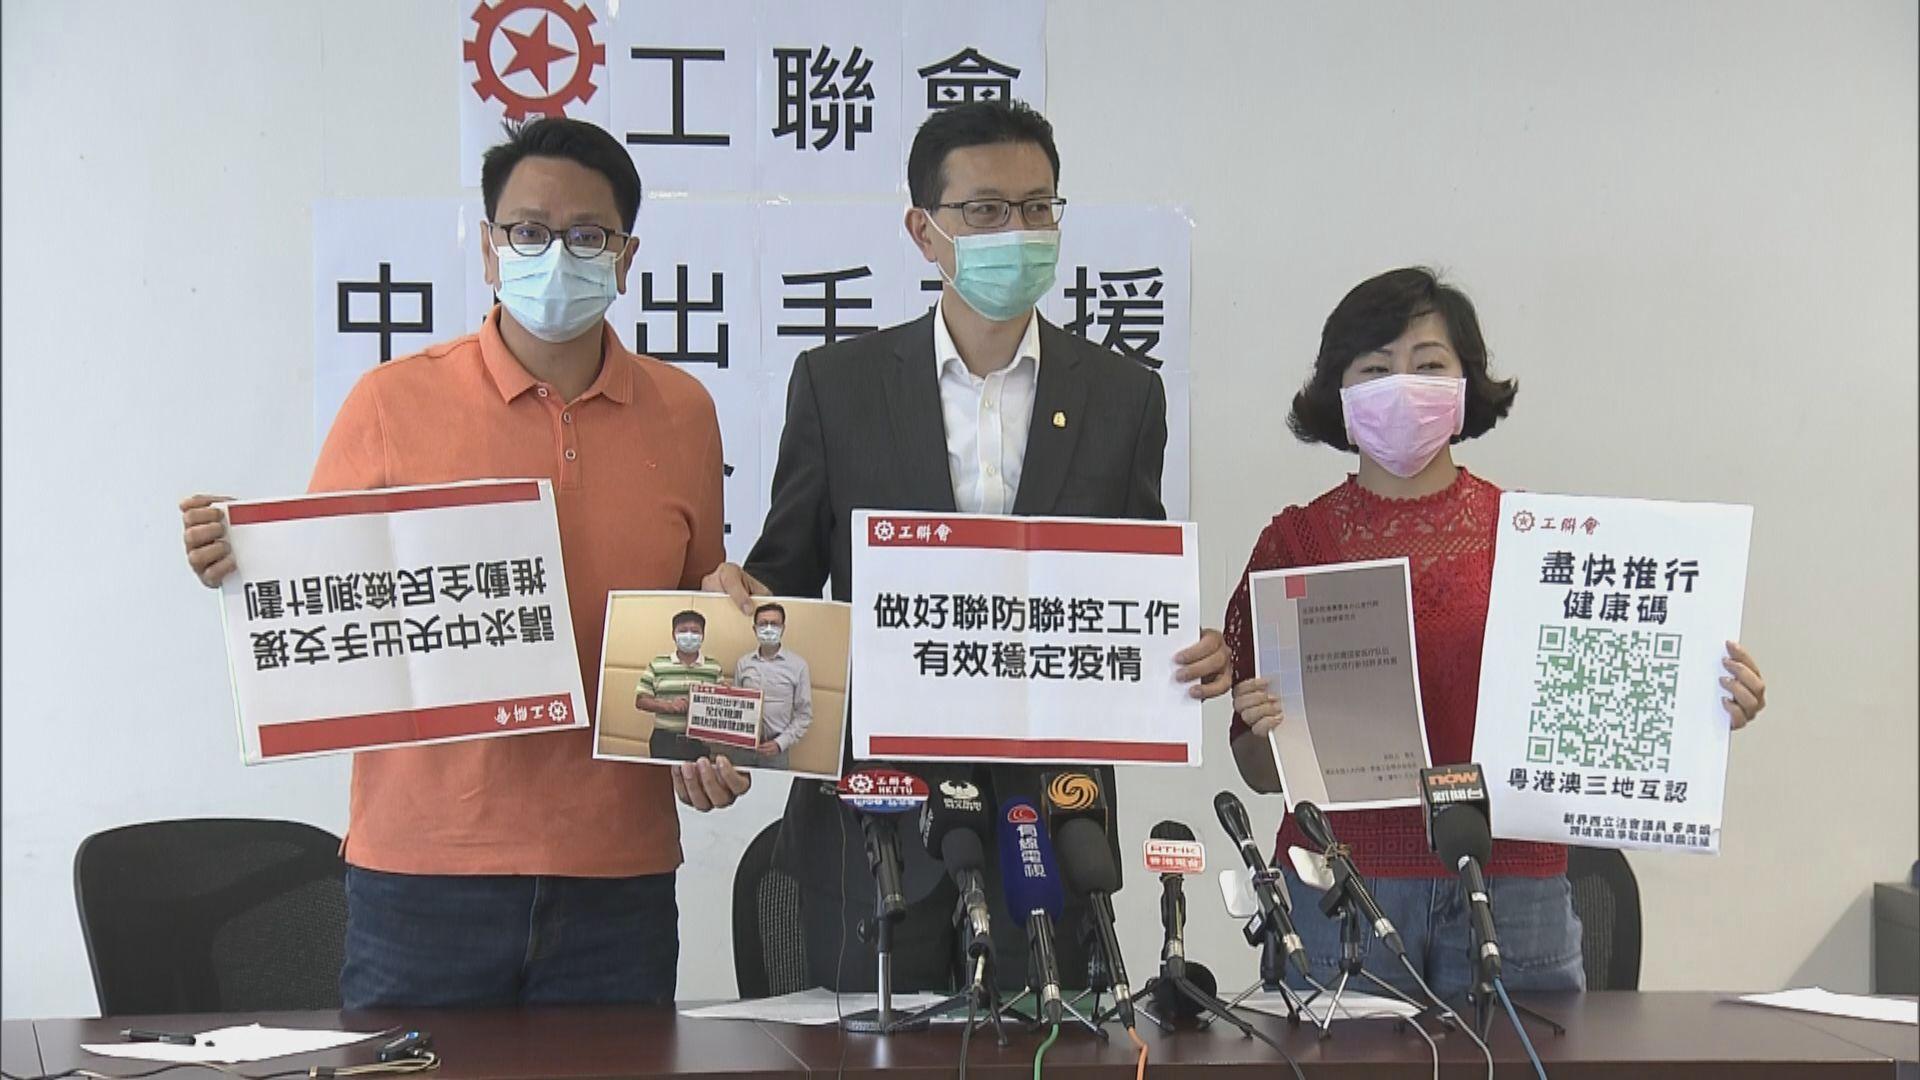 工聯會提出要求中央協助全民檢測